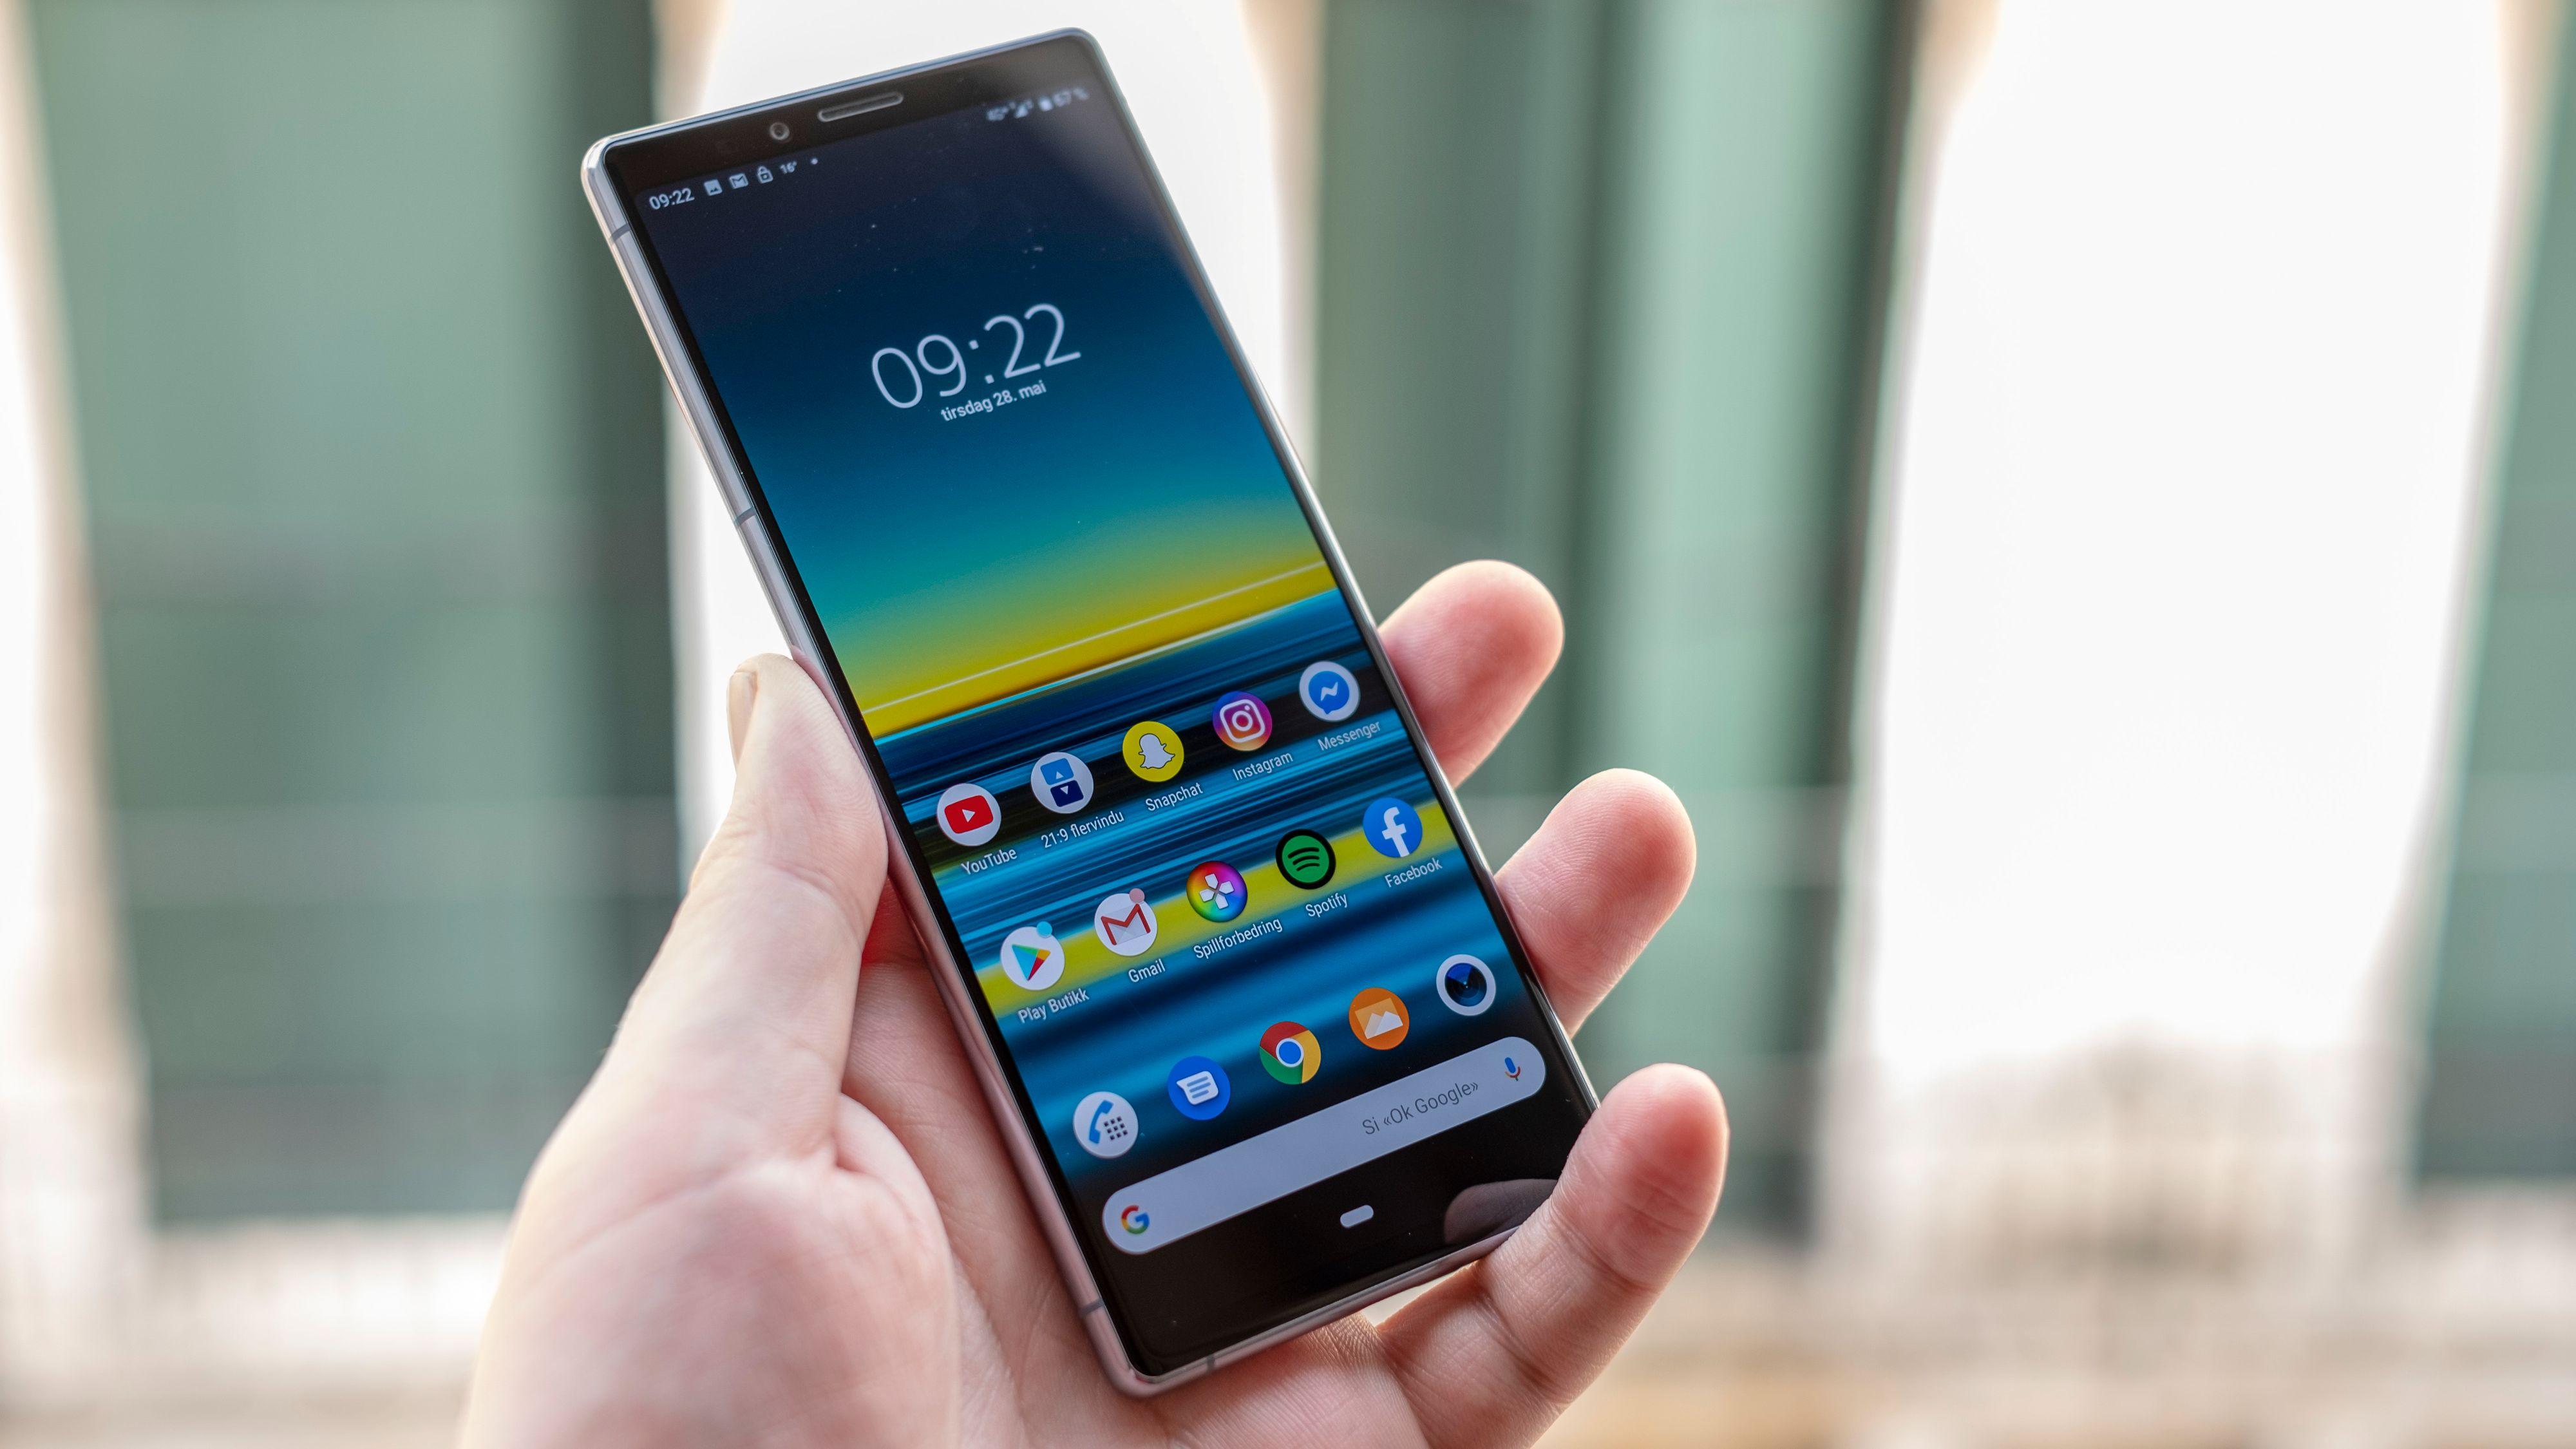 Menyene minner om en kombinasjon av Sonys klassiske Xperia-menyer og Googles Pixel-menyer. De er en slags mellomting mellom sveipebasert og knappebasert, og det er veldig lite unødvendig utenomsnakk her. Du kan selv velge bort tredjepartsapper første gang du starter telefonen.